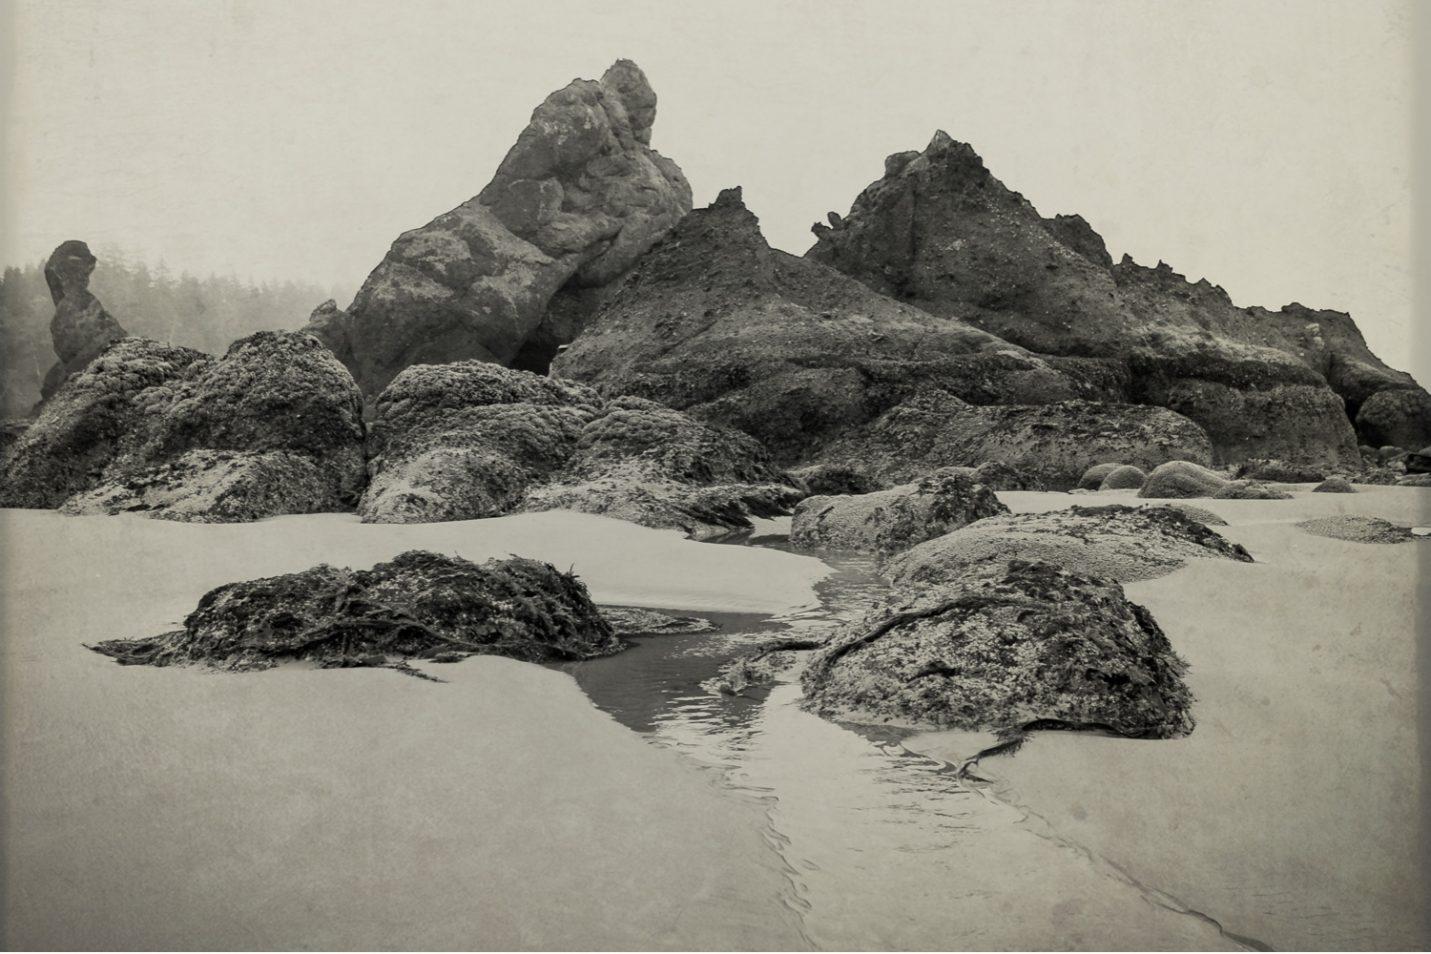 pacific-northwest-photo-fine-art-landscape-shi-shi-washington-coast_0009